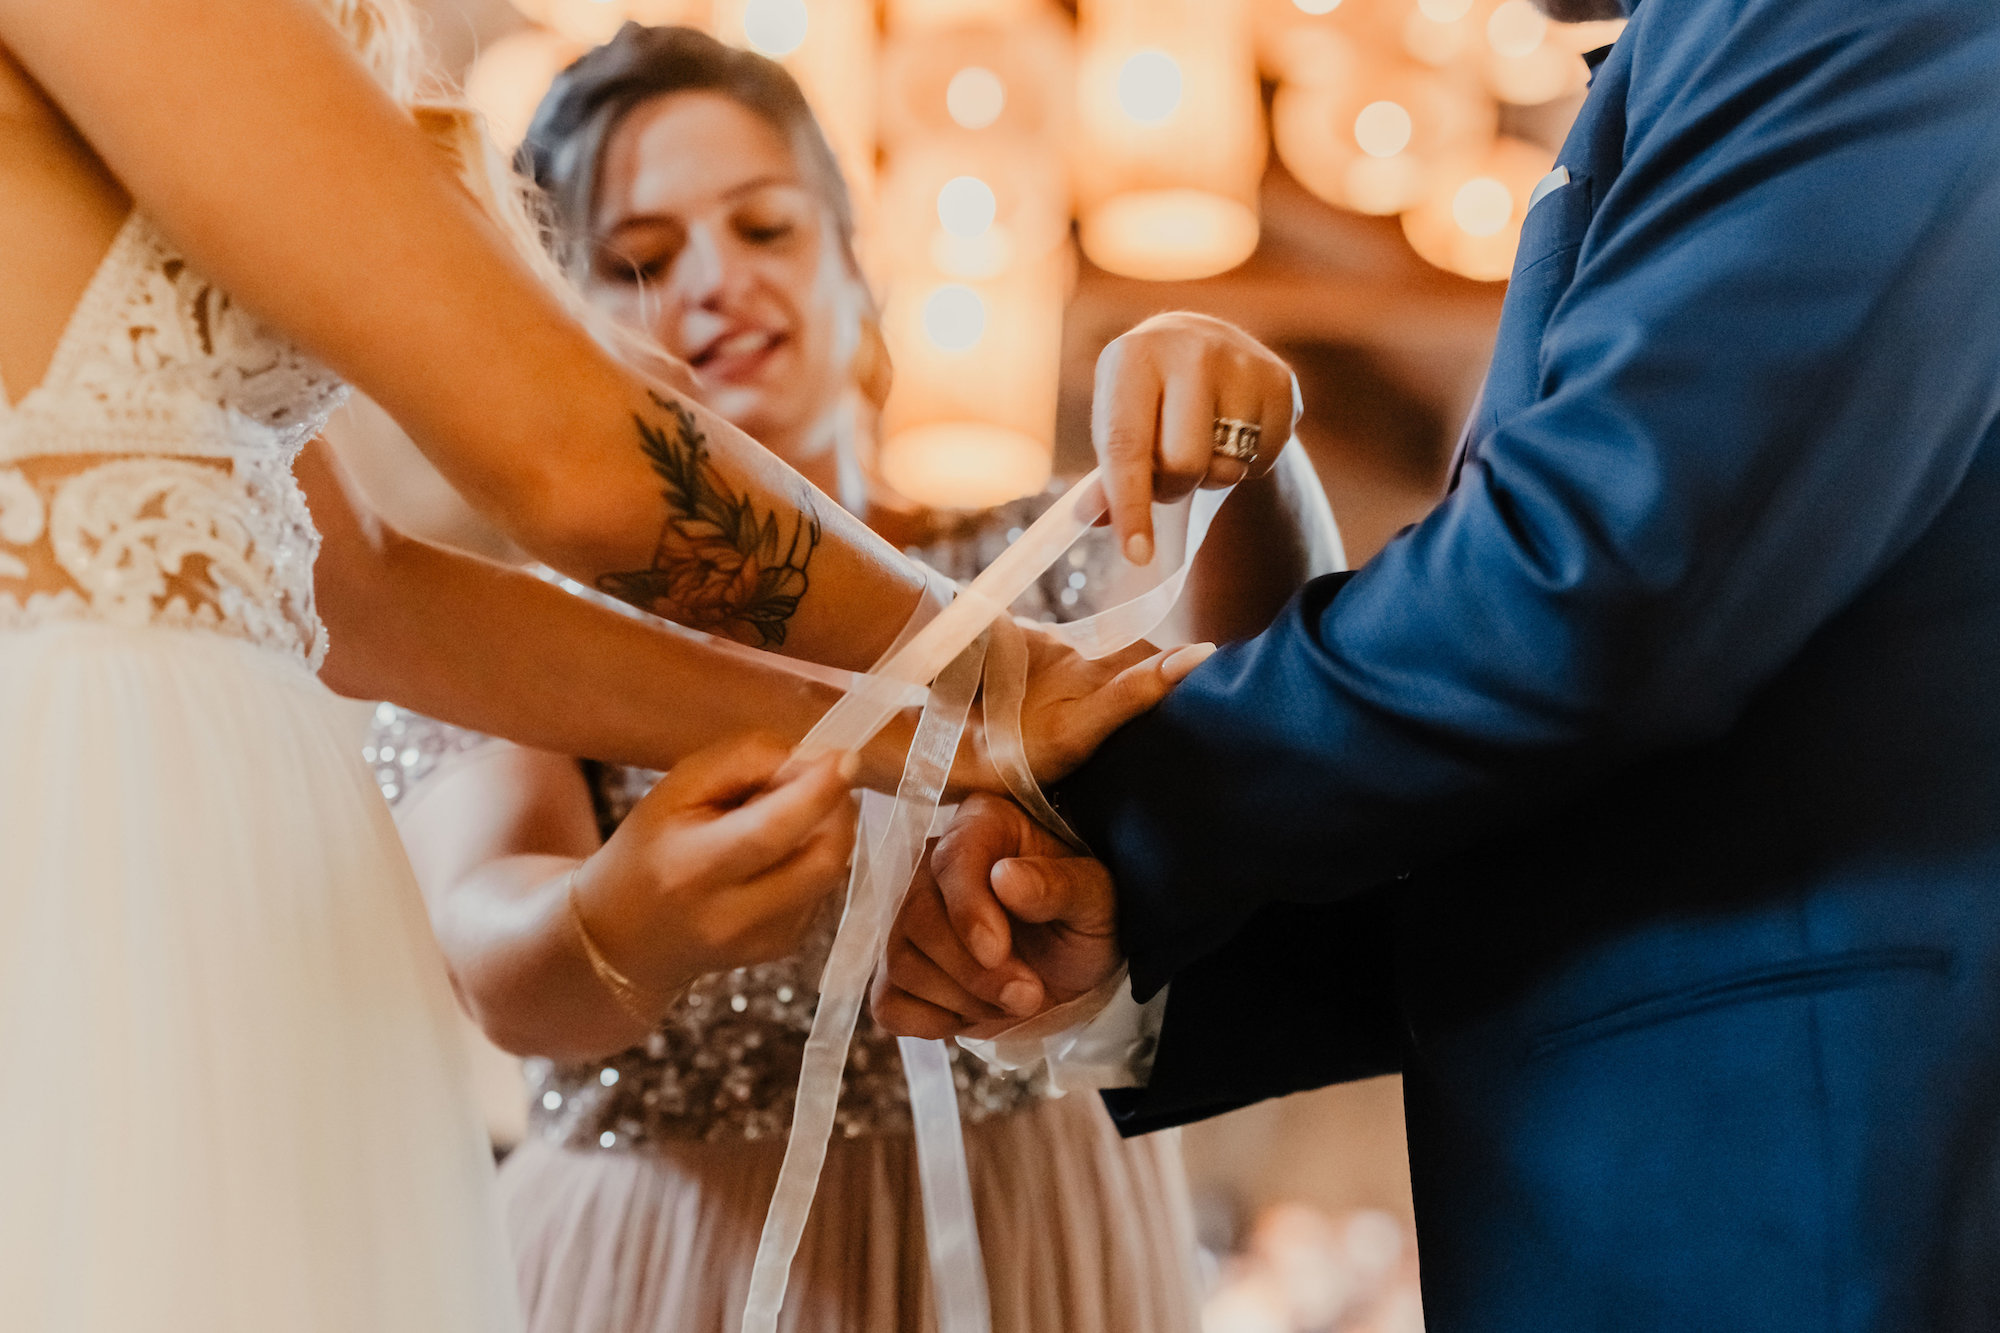 le coeur dans les etoiles - wedding planner - provence - luberon - alpilles - organisation - mariage - wedding - florine jeannot - rituel rubans